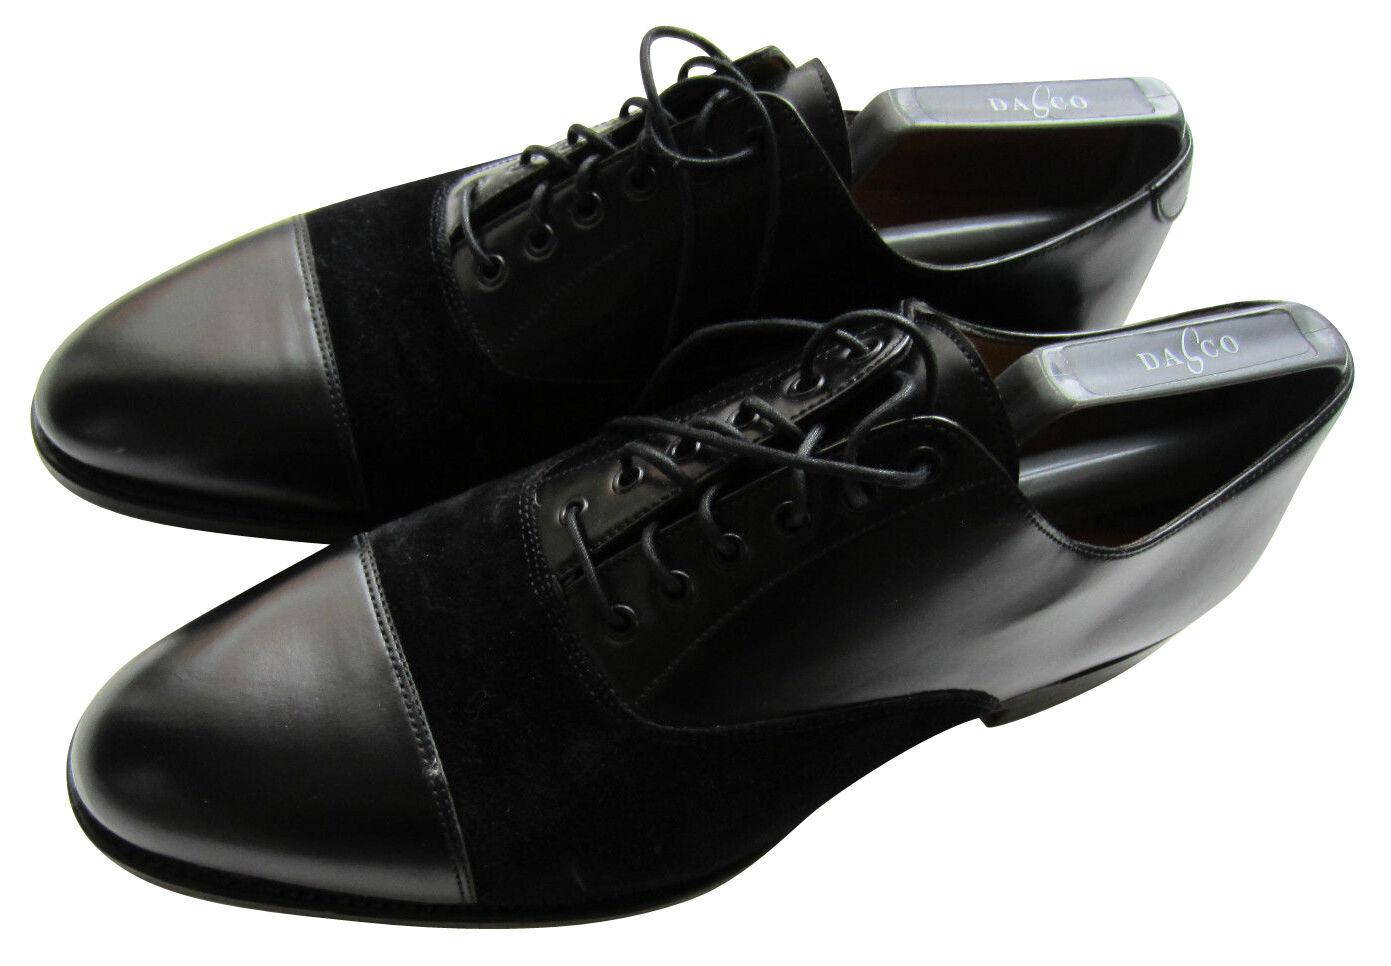 Paul Smith Scarpe da da da Uomo Nero pelle Camoscio Formale - Eccellenza in | Di Alta Qualità  | Uomini/Donna Scarpa  286074